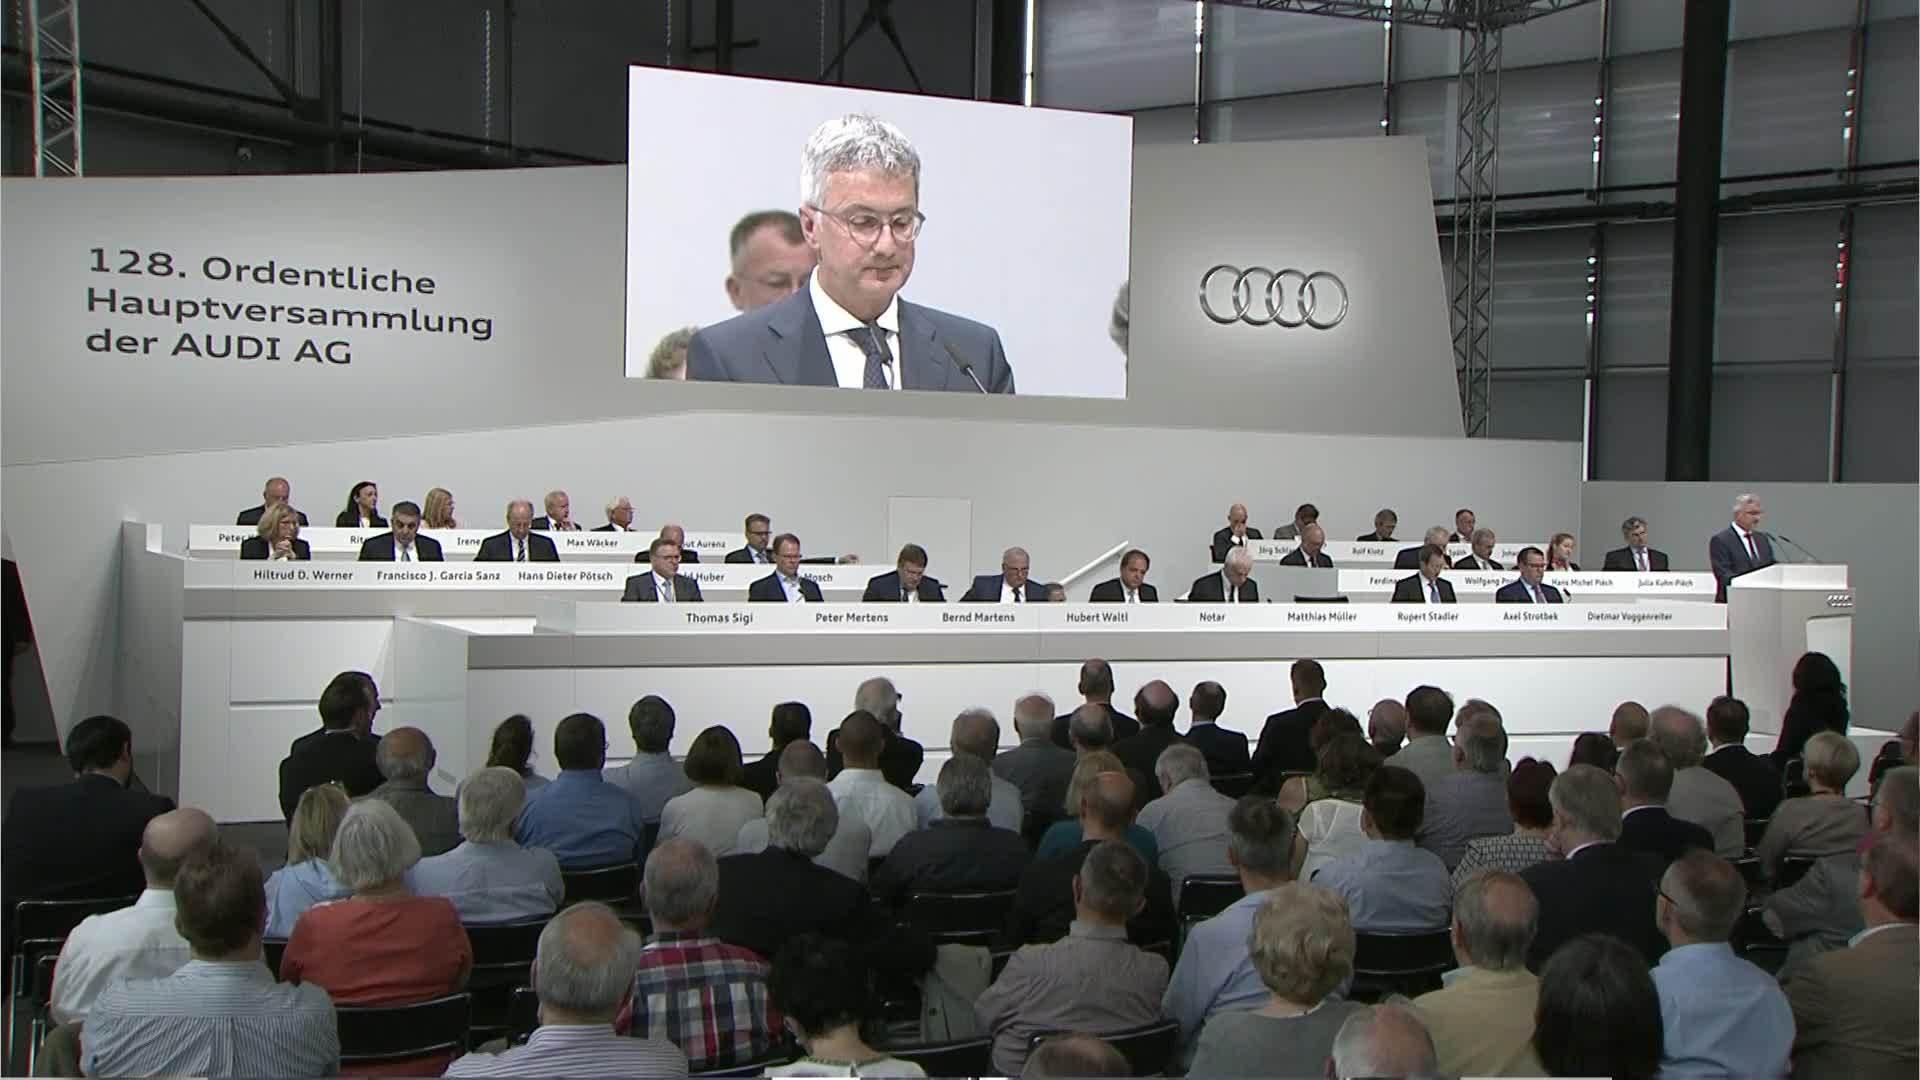 Die Hauptversammlung der AUDI AG - Mitschnitt